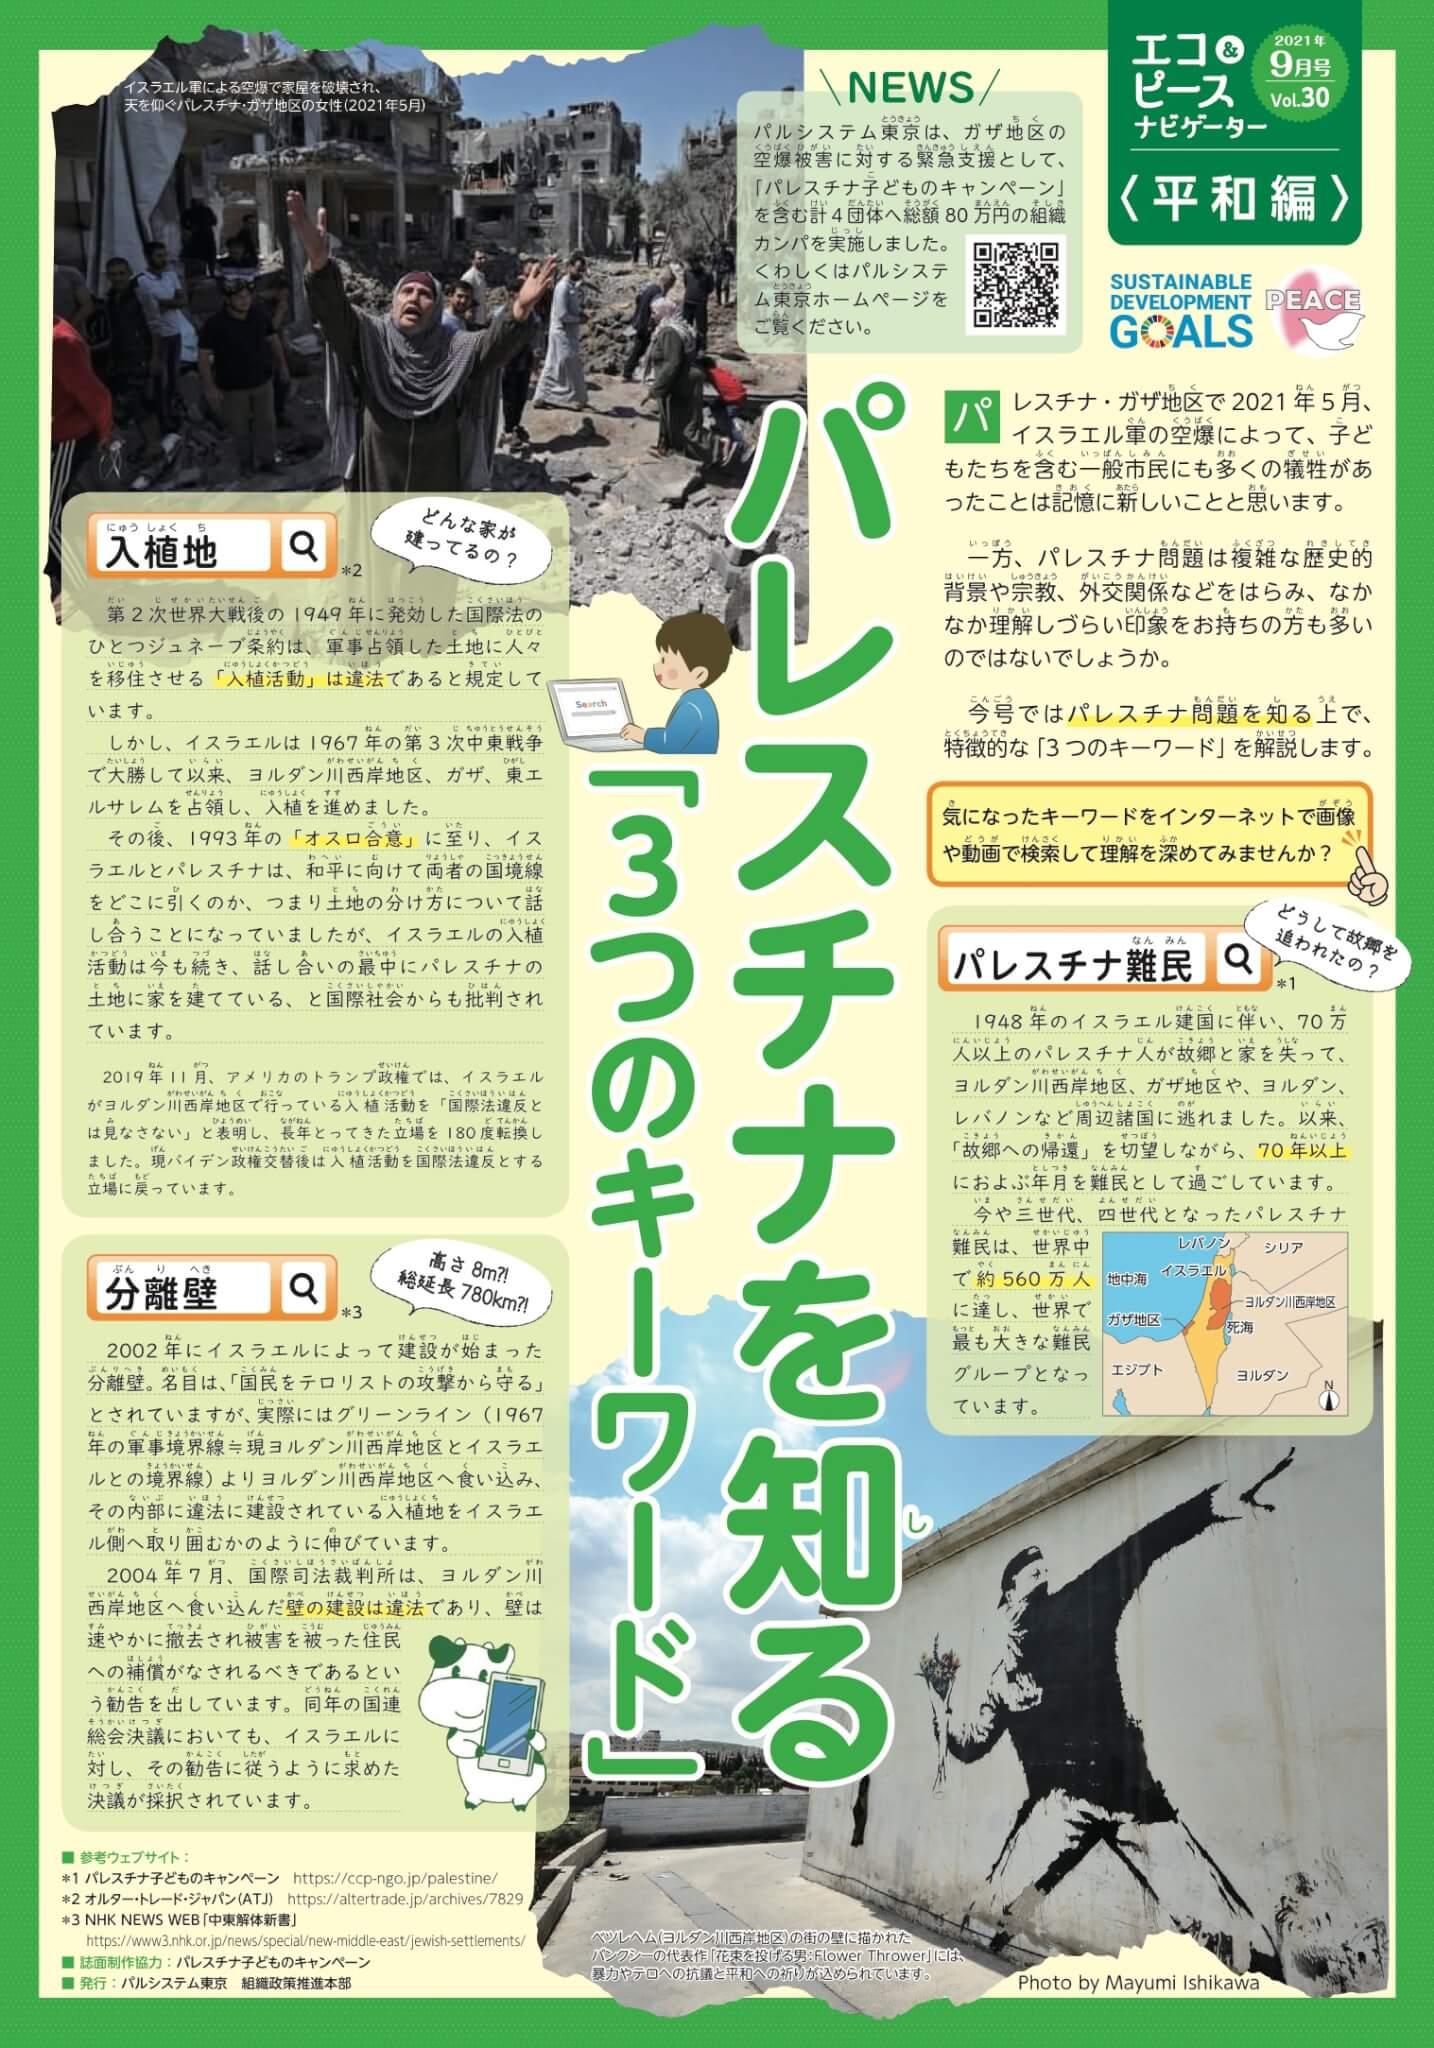 「エコ&ピースナビゲーター」vol.30で環境おもしろクイズにチャレンジ! | 「パレスチナ難民」「プラスチック汚染」ほか